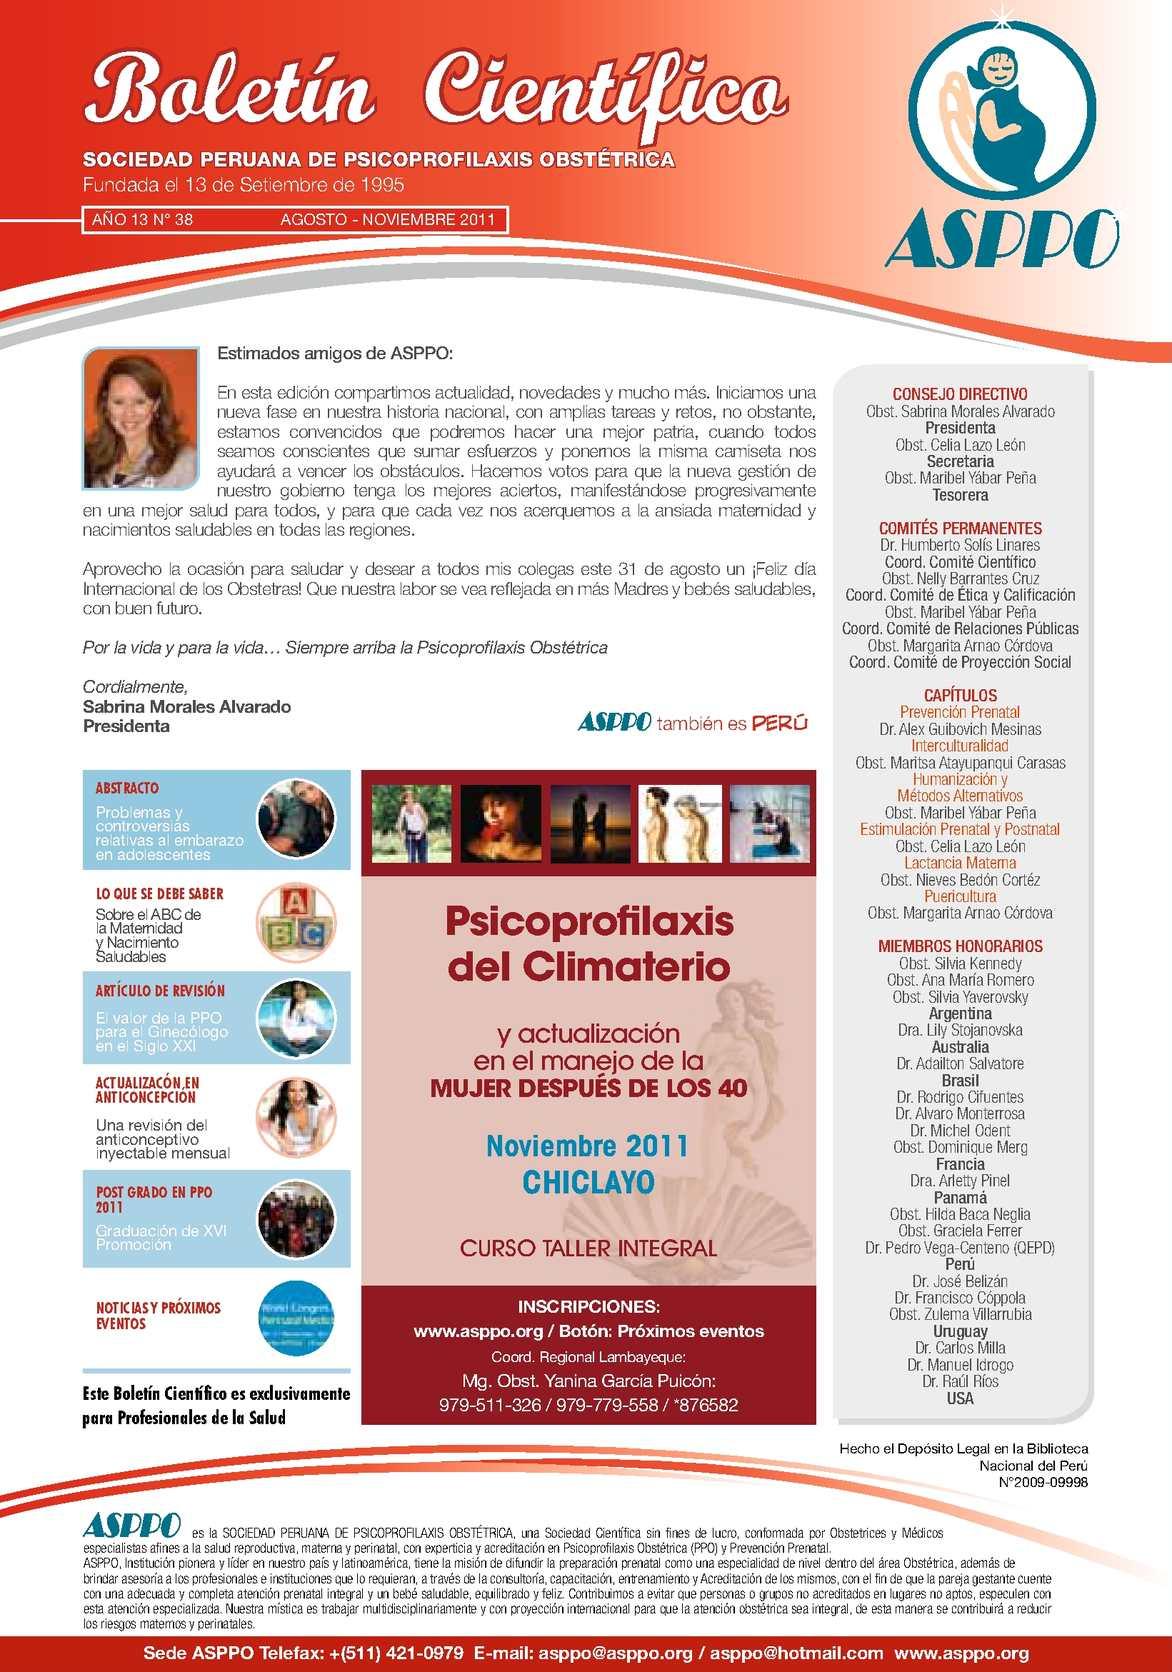 9409cc0eae Calaméo - Boletín Científico Año 13 N° 38 Agosto- Noviembre 2011